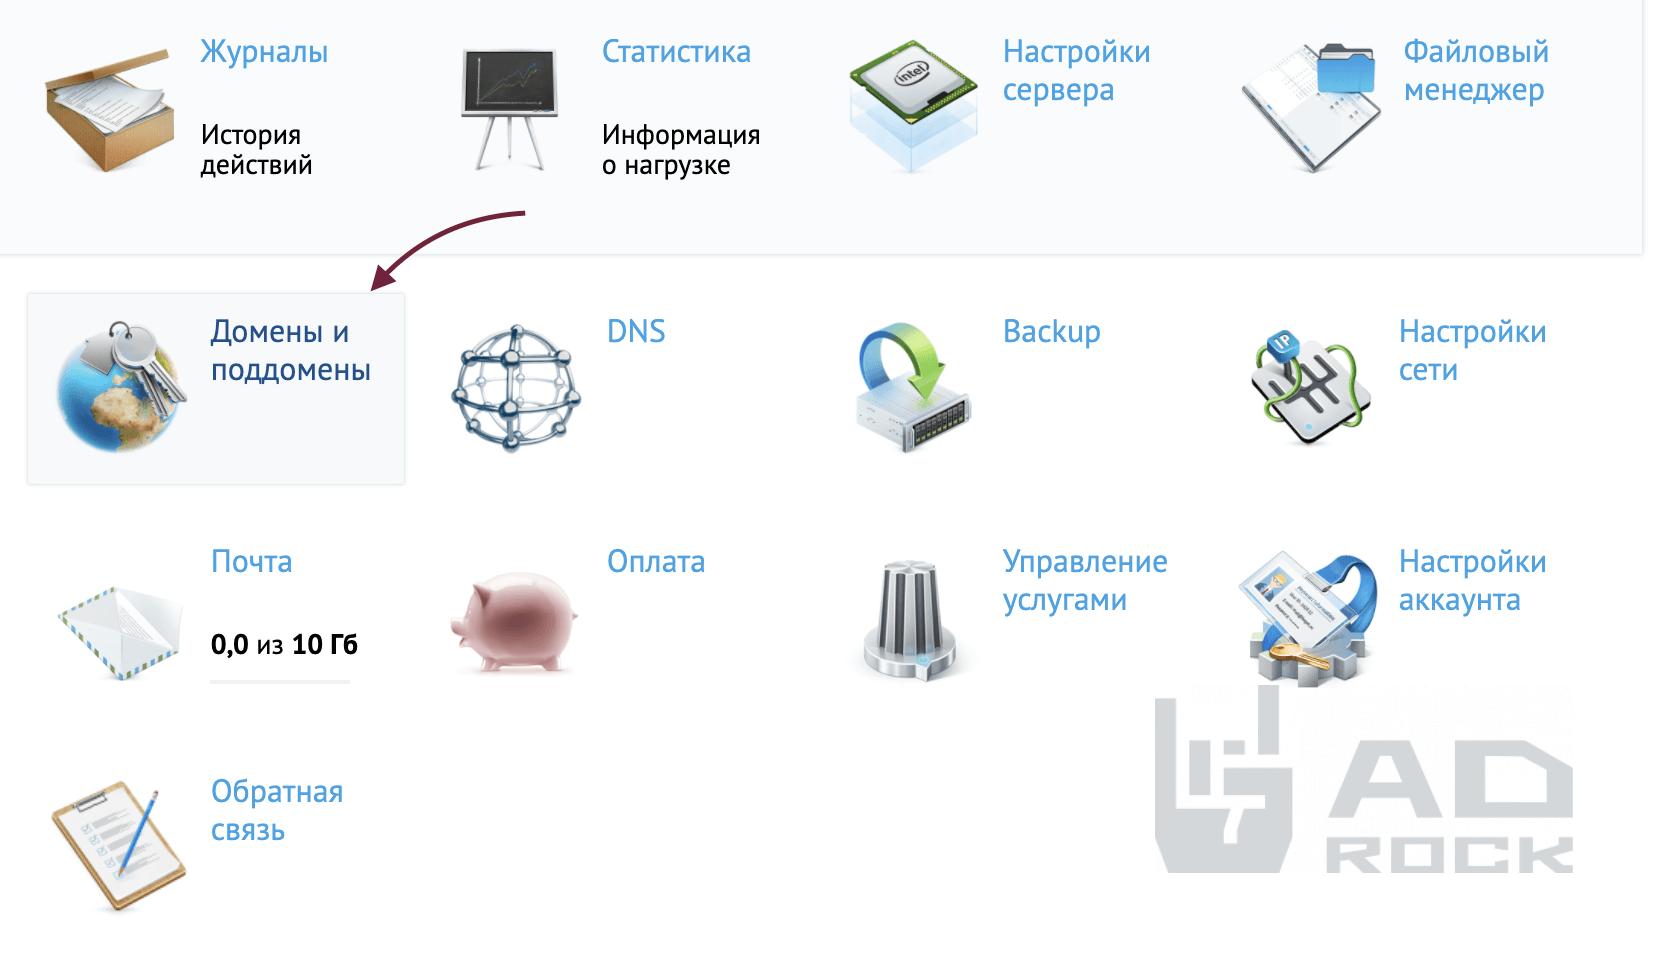 Как привязать домен и пиксель к кабинету facebook